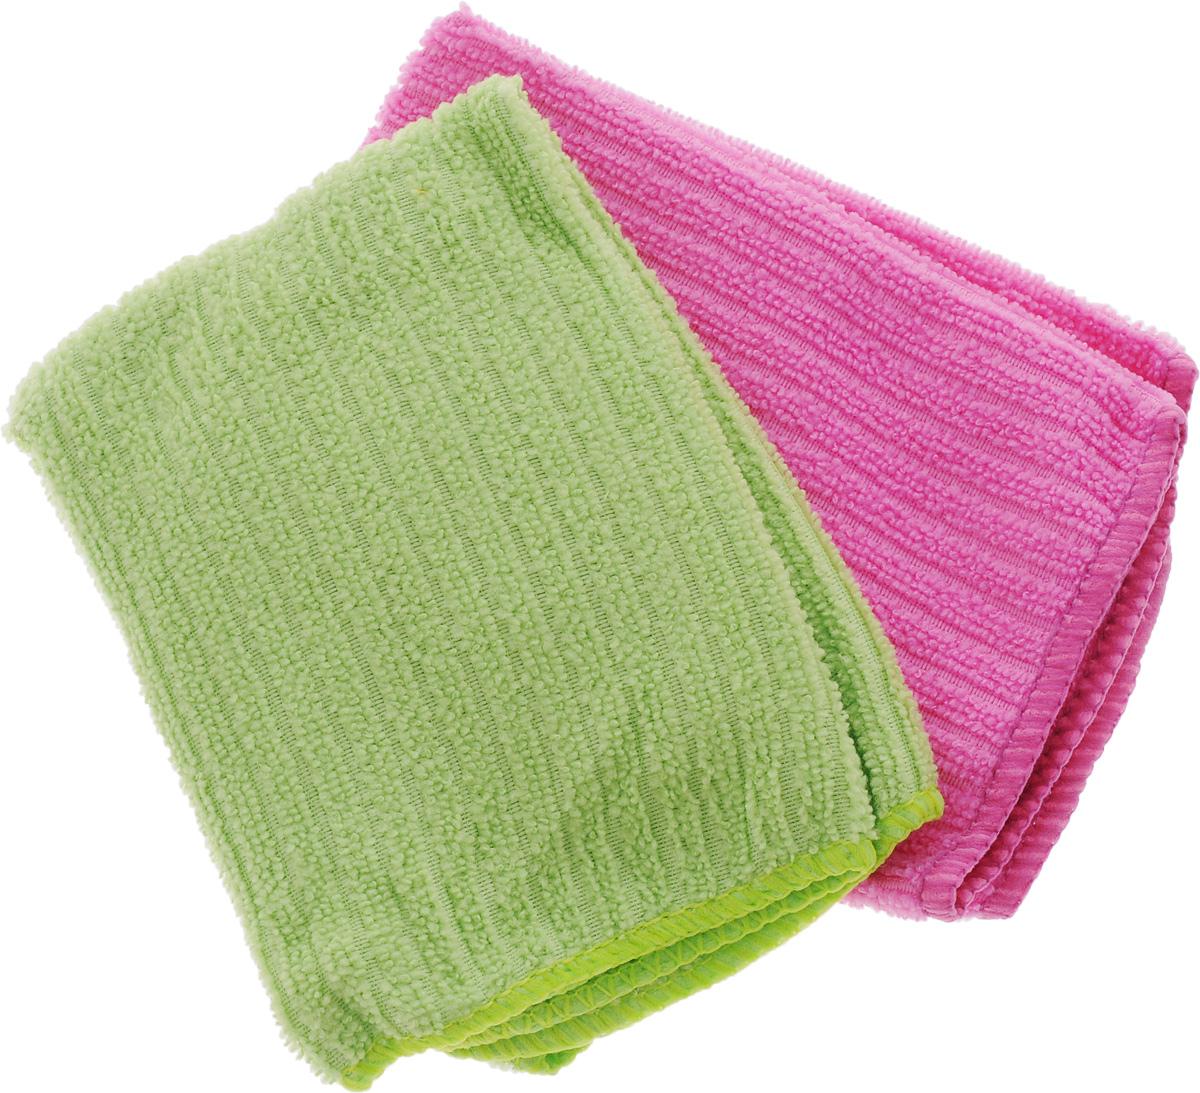 Салфетка из микрофибры Home Queen, цвет: зеленый, розовый, 30 х 30 см, 2 шт57048_зеленый, розовыйСалфетка Home Queen изготовлена из микрофибры. Это великолепная гипоаллергенная ткань, изготовленная из тончайших полимерных микроволокон. Салфетка из микрофибры может поглощать количество пыли и влаги, в 7 раз превышающее ее собственный вес. Многочисленные поры между микроволокнами, благодаря капиллярному эффекту, мгновенно впитывают воду, подобно губке. Благодаря мелким порам микроволокна, любые капельки, остающиеся на чистящей поверхности, очень быстро испаряются, и остается чистая дорожка без полос и разводов. В сухом виде при вытирании поверхности волокна микрофибры электризуются и притягивают к себе микробы, мельчайшие частицы пыли и грязи, удерживая их в своих микропорах. Салфетки можно стирать в стиральной машине или вручную при температуре 40°С.